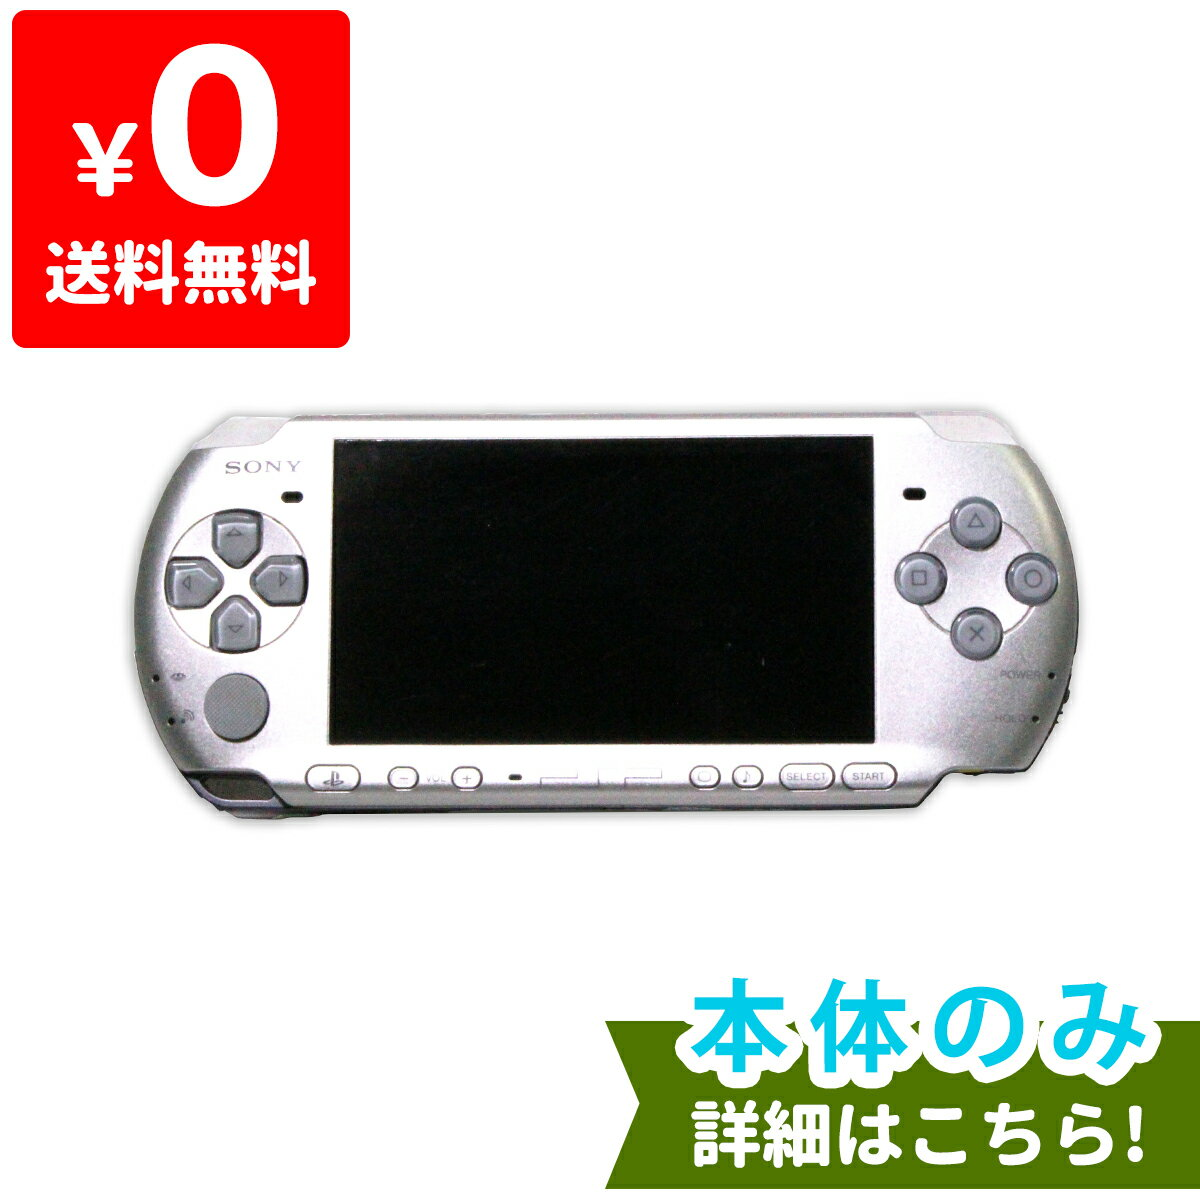 PSP 3000 ミスティック・シルバー (PSP-3000MS) 本体のみ PlayStationPortable SONY ソニー 中古 4948872411998 送料無料 【中古】